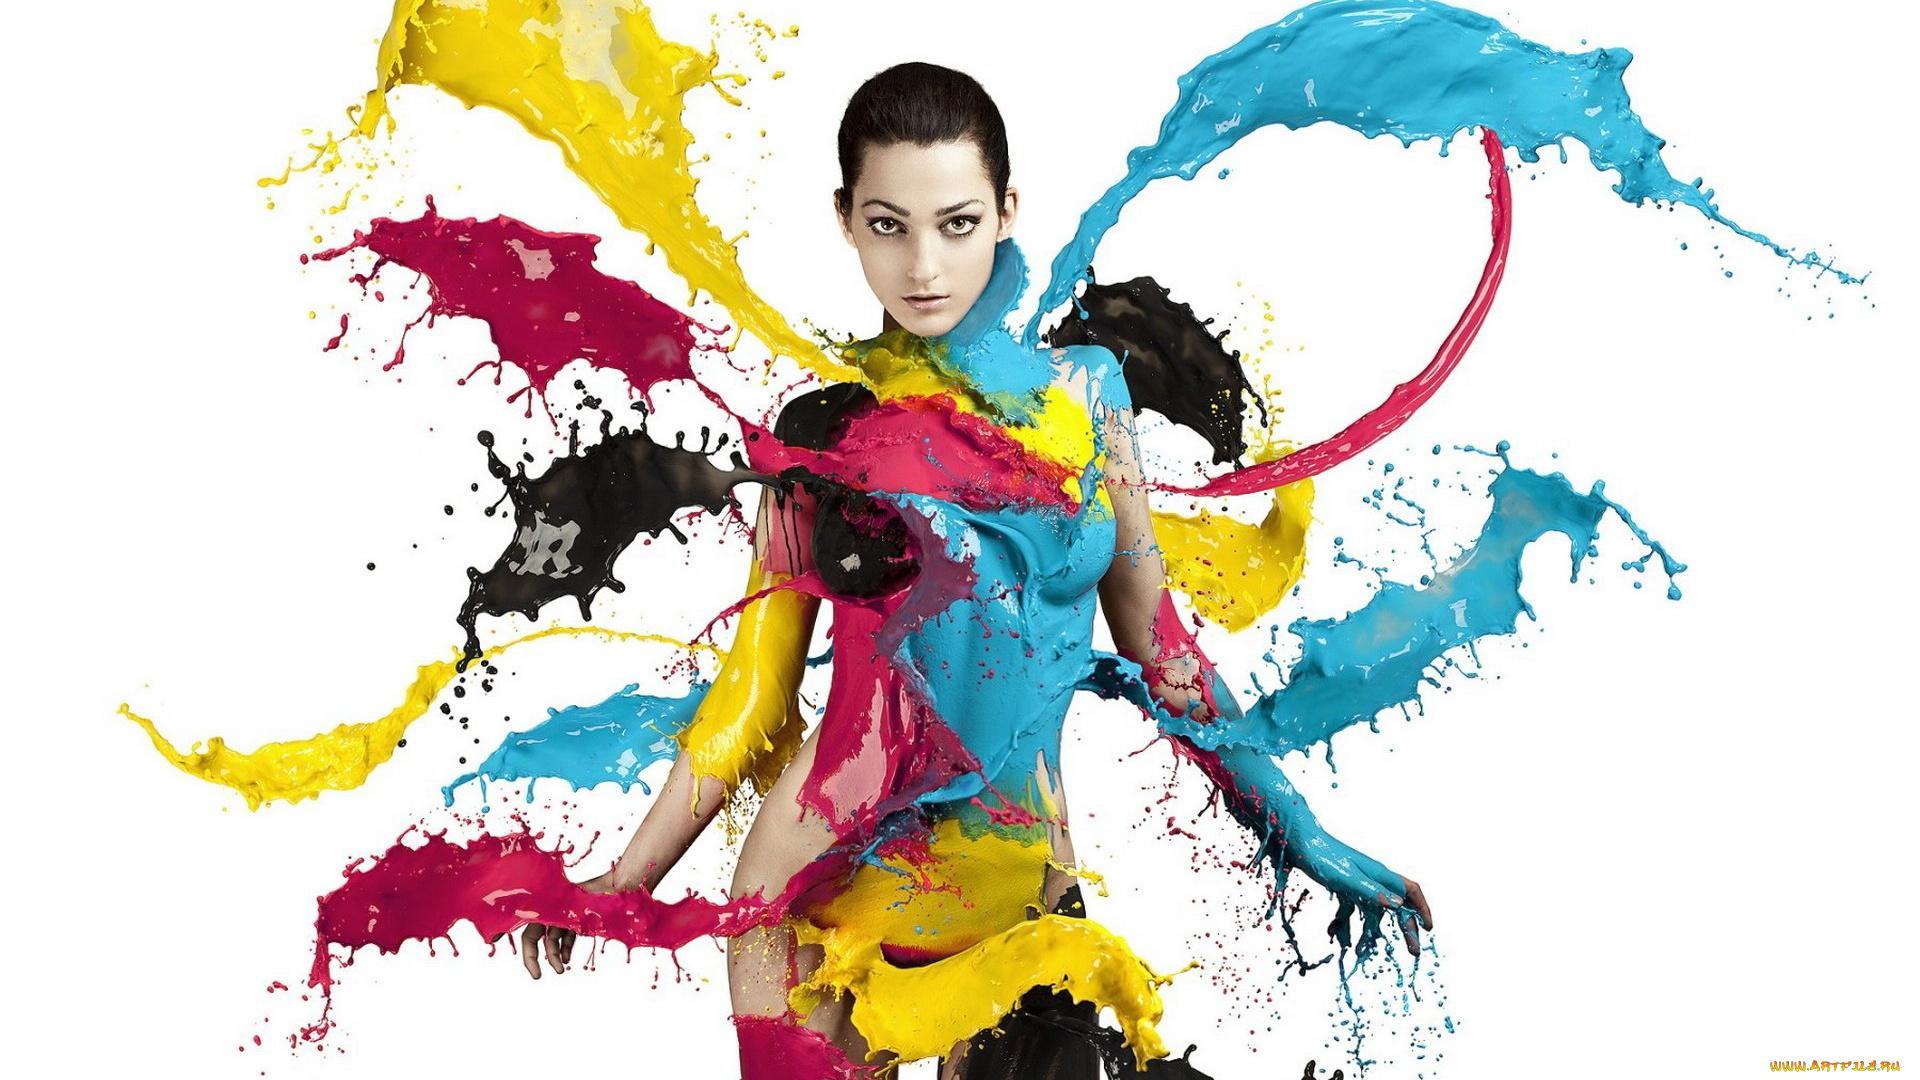 девушка краски креатив кисточка подборки